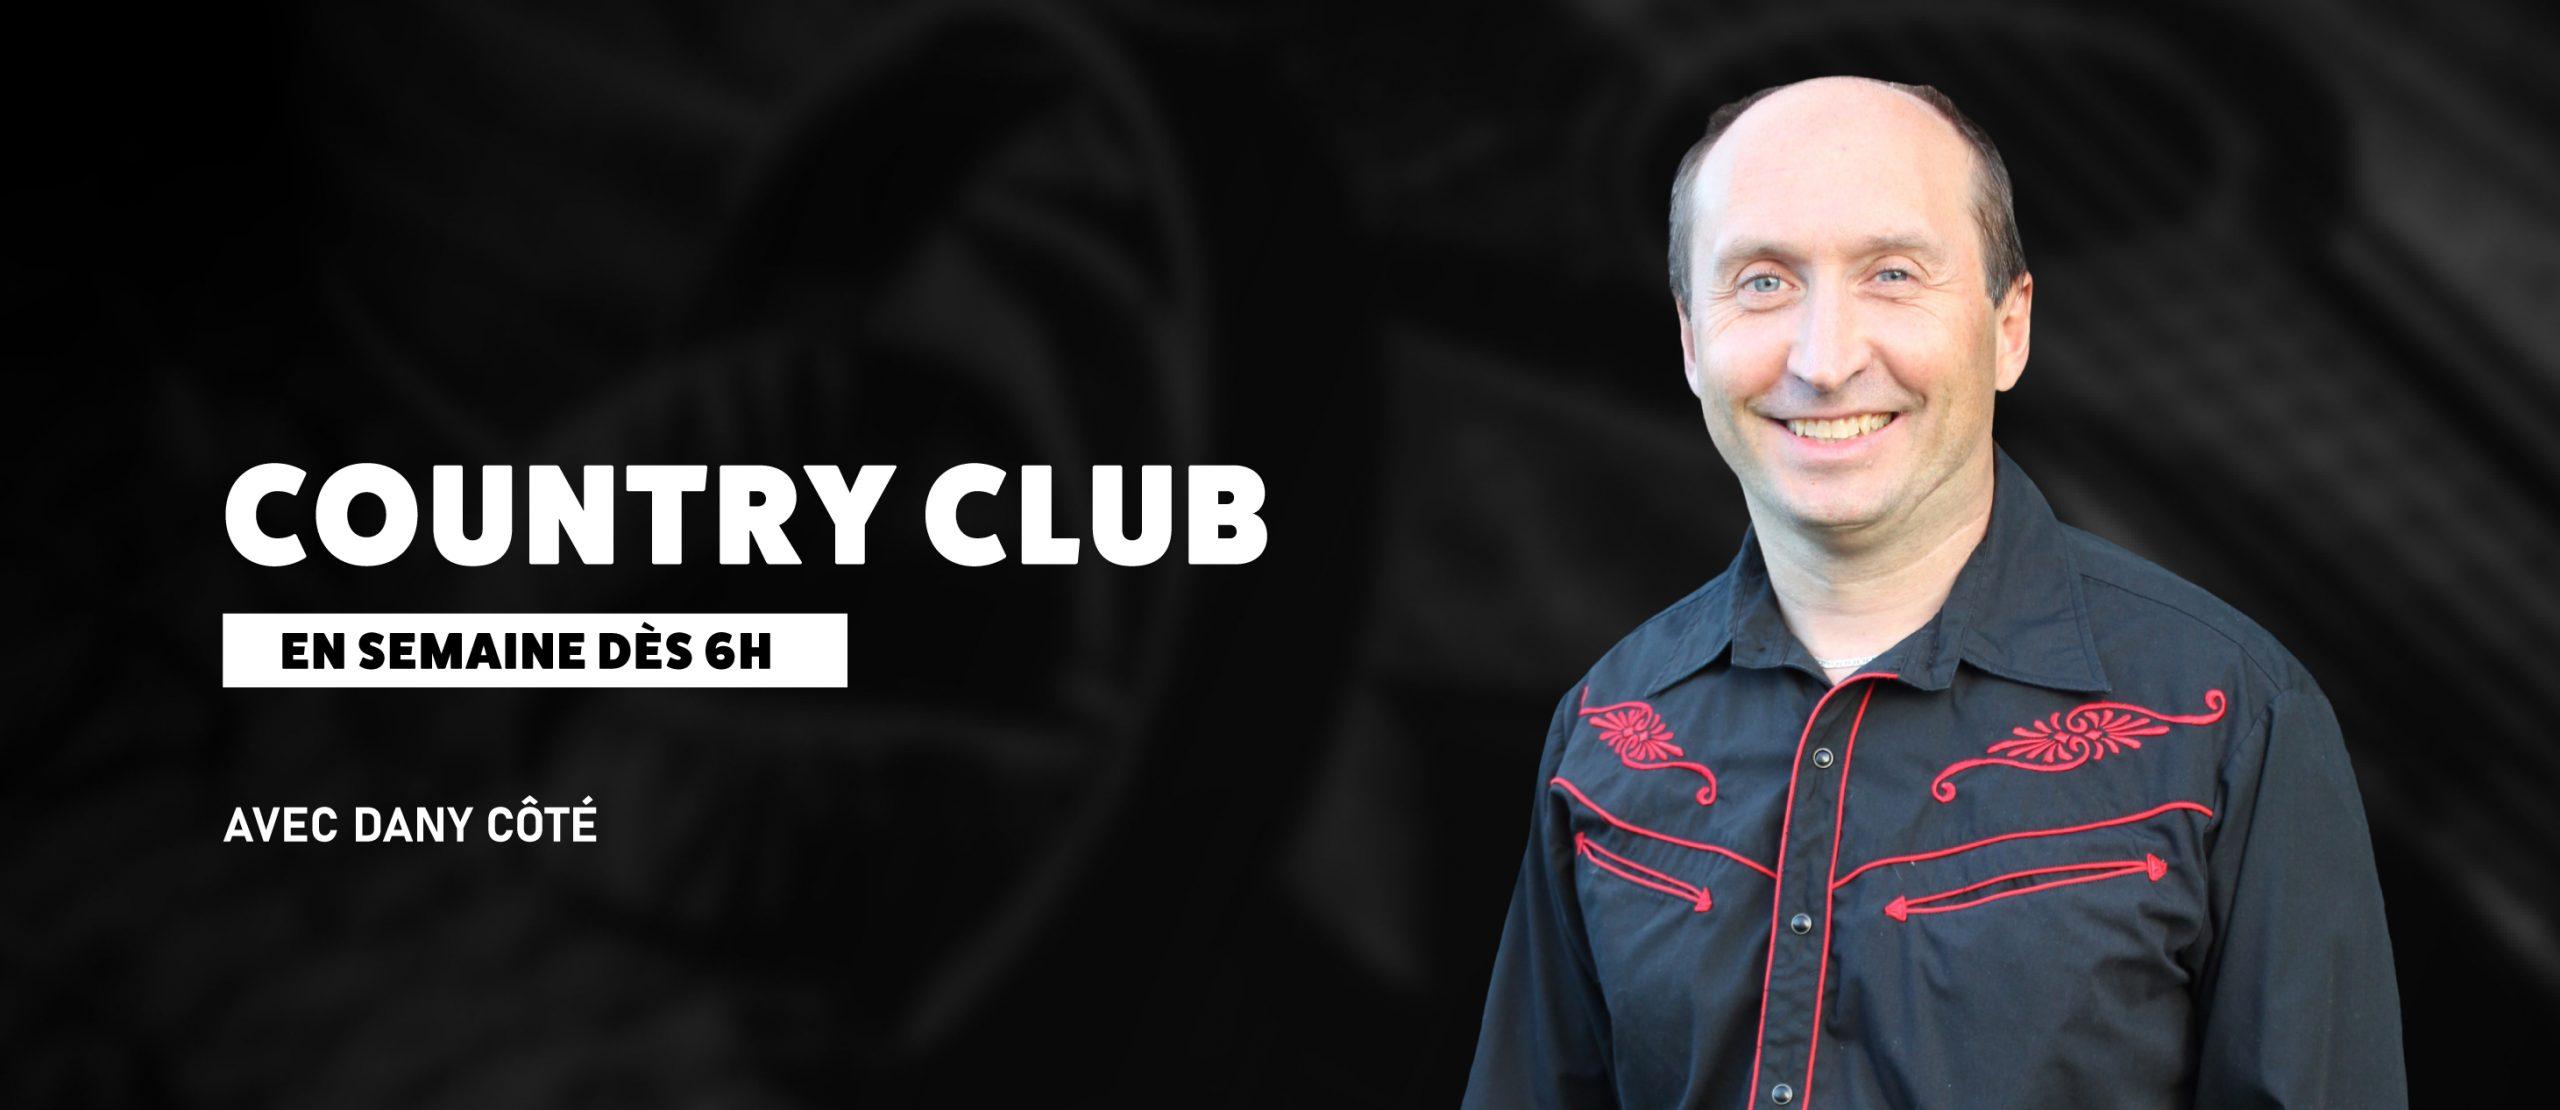 CLUB-DANY